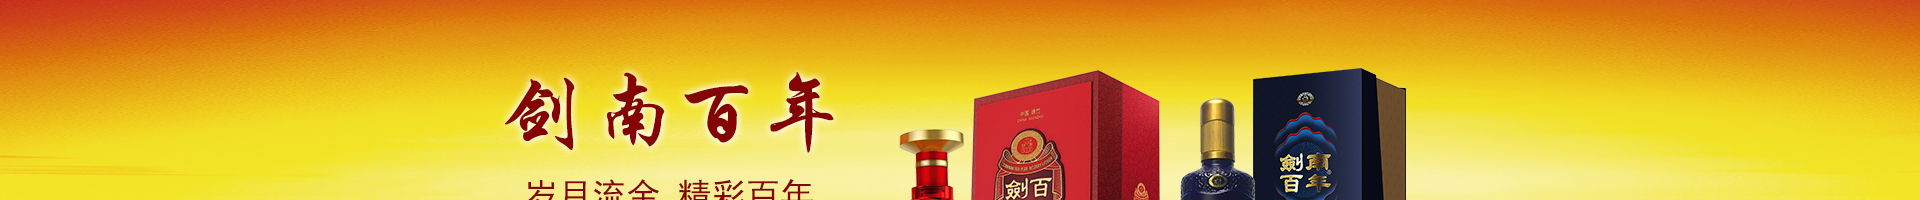 江苏剑南百年营销中心